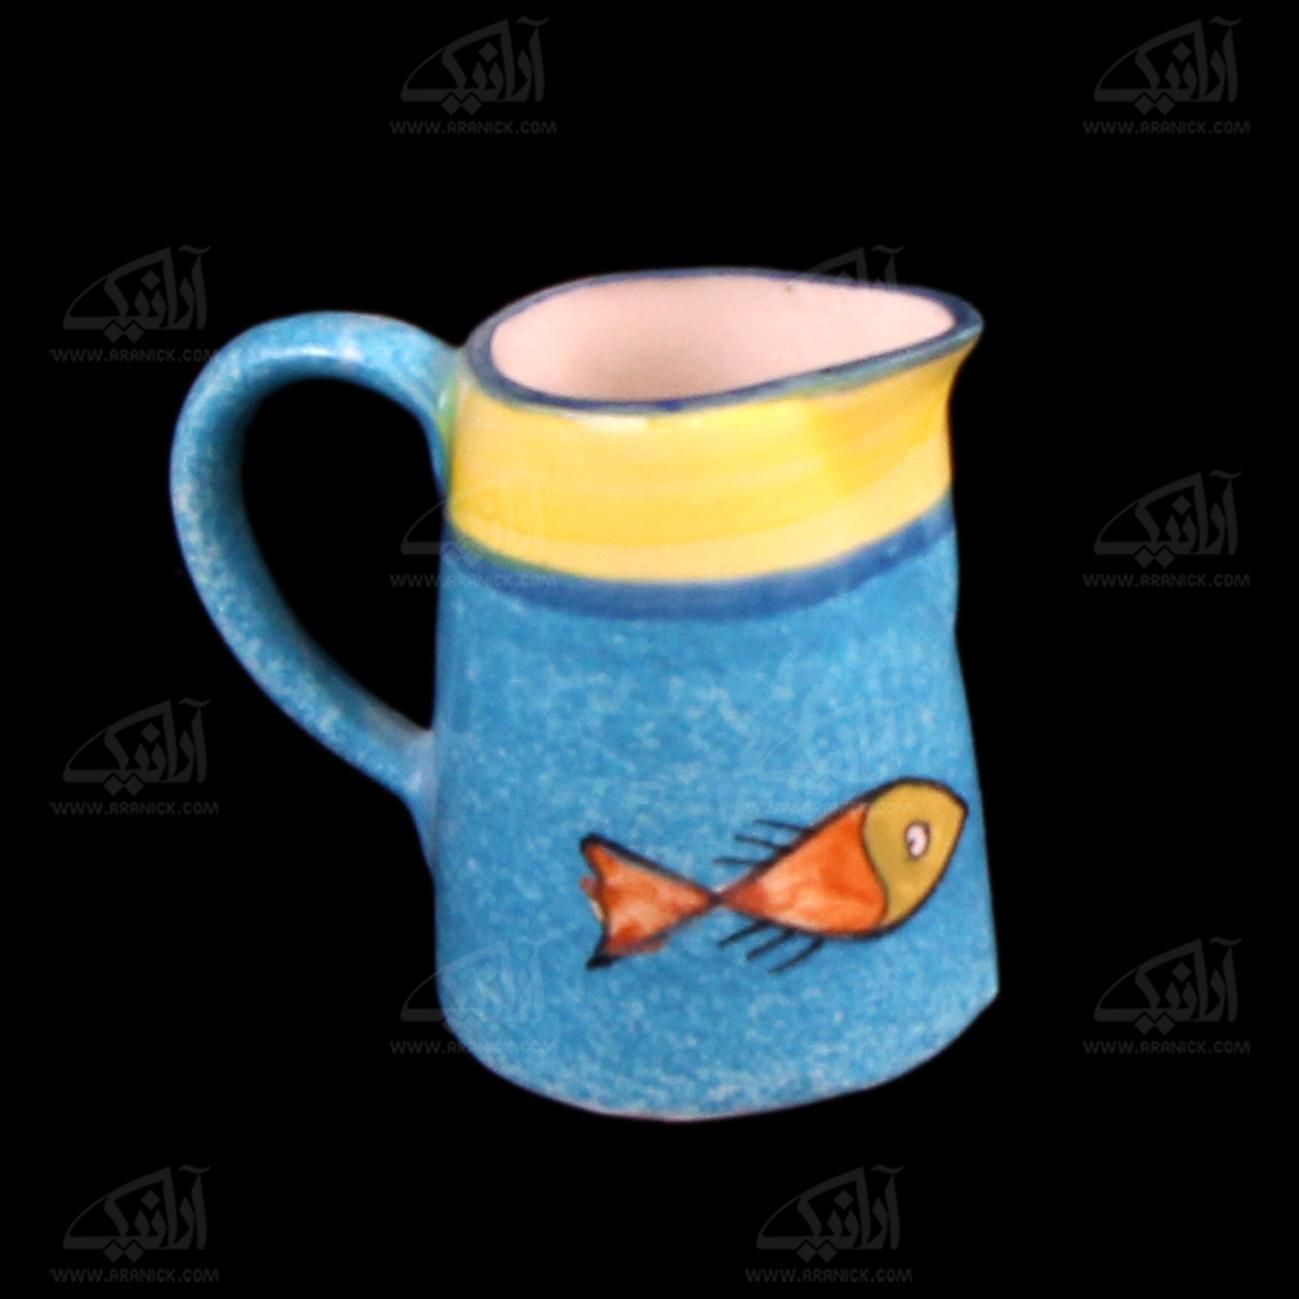 سس خوری سفالی نقاشی زیر لعابی رنگارنگ طرح ماهی مدل 1015400001